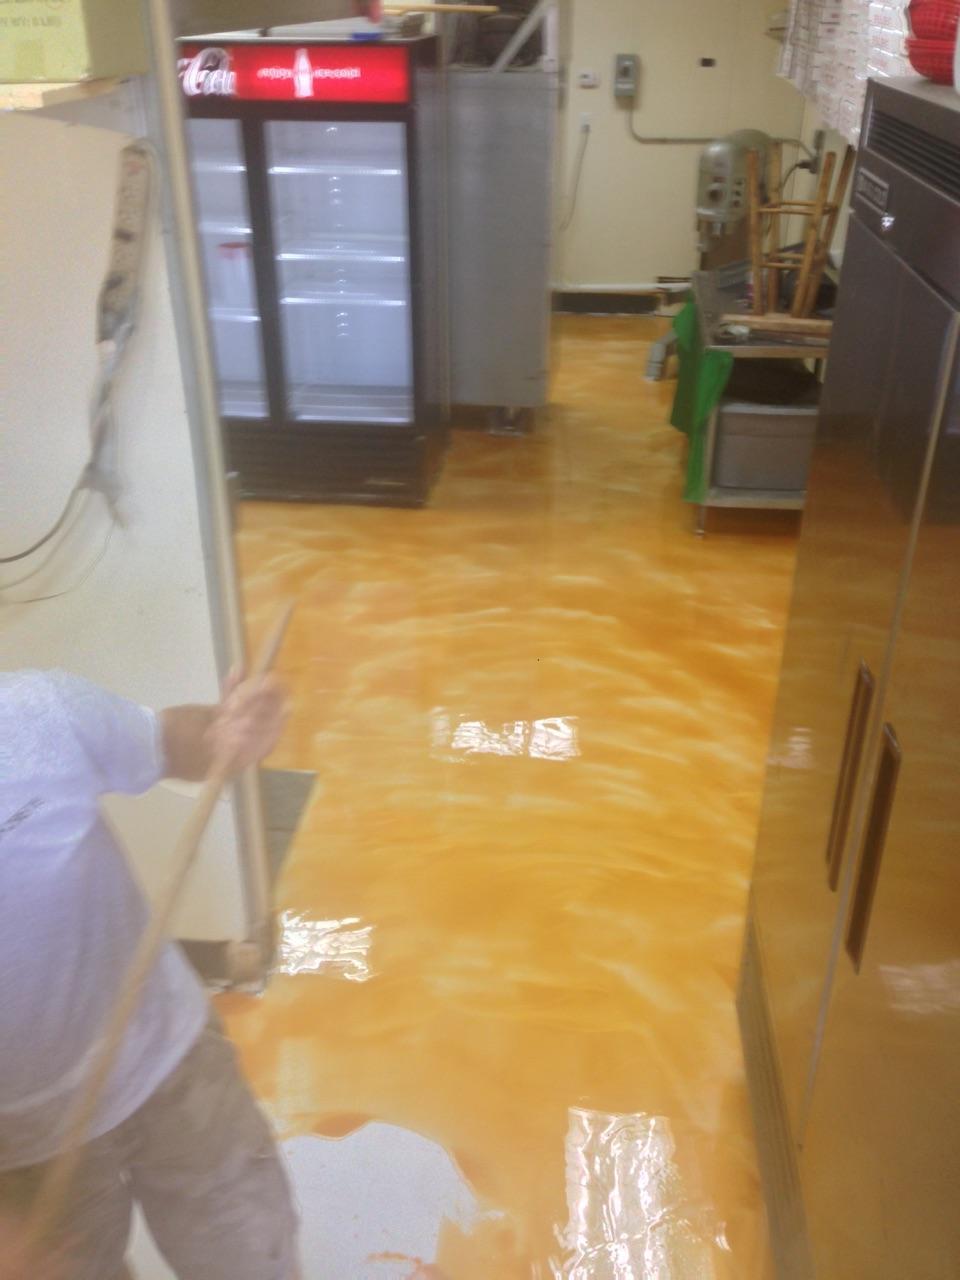 Restaurant kitchen floor